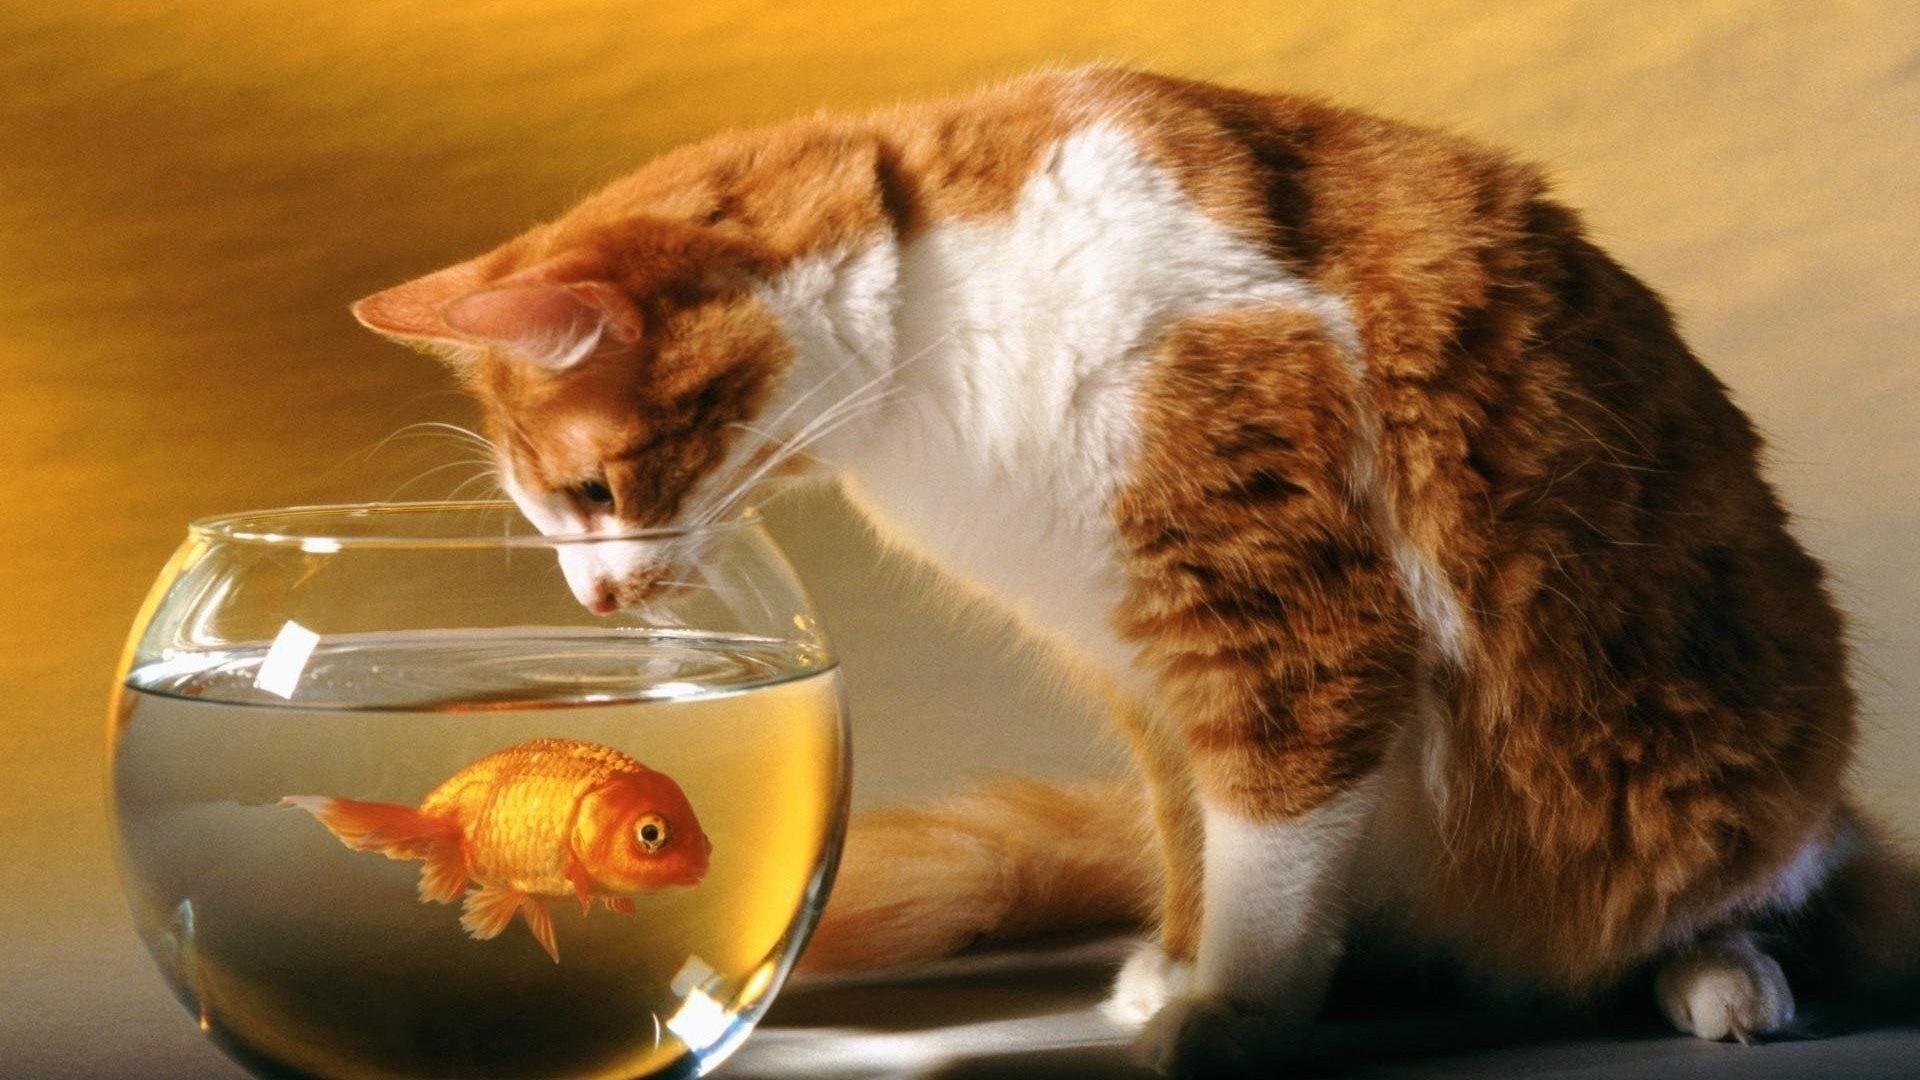 Animalli.com – Cats Cat Wallpapers 1920×1080